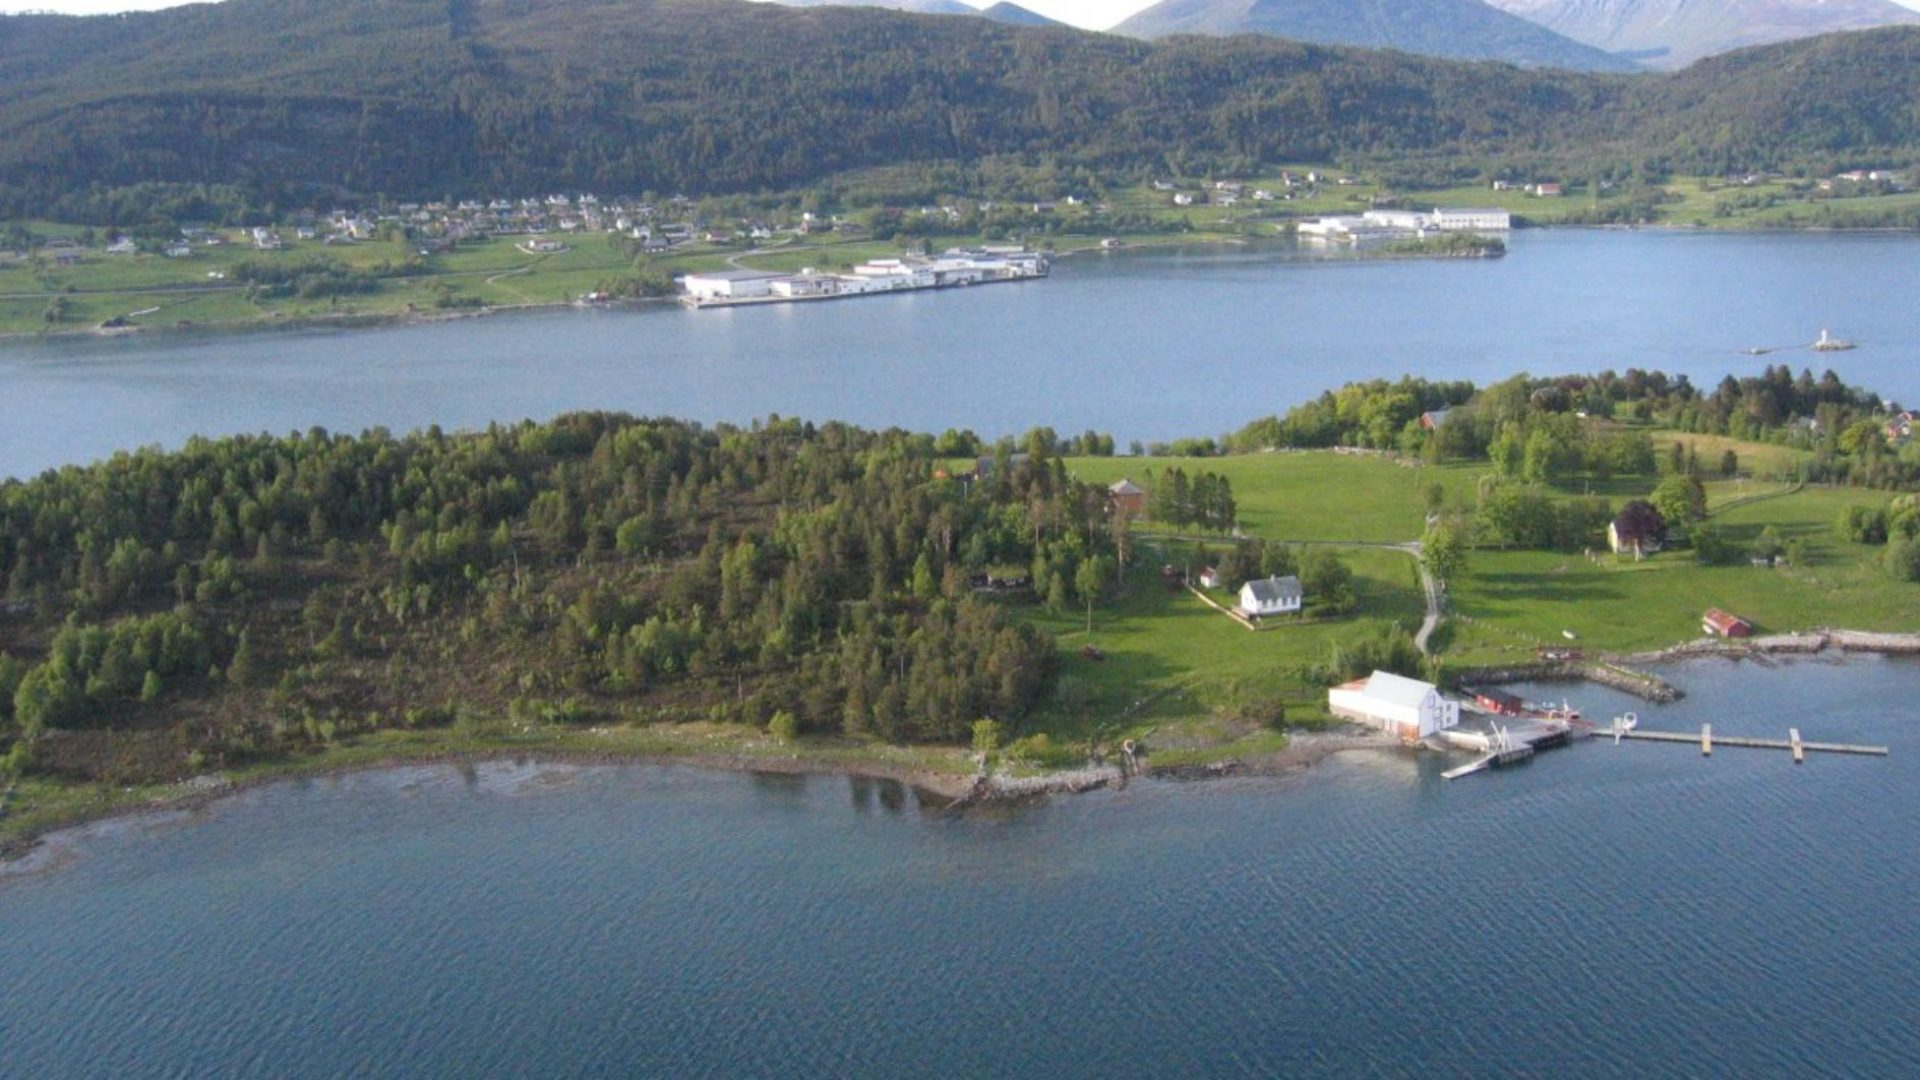 Lille Kalvøy Fjordhütten